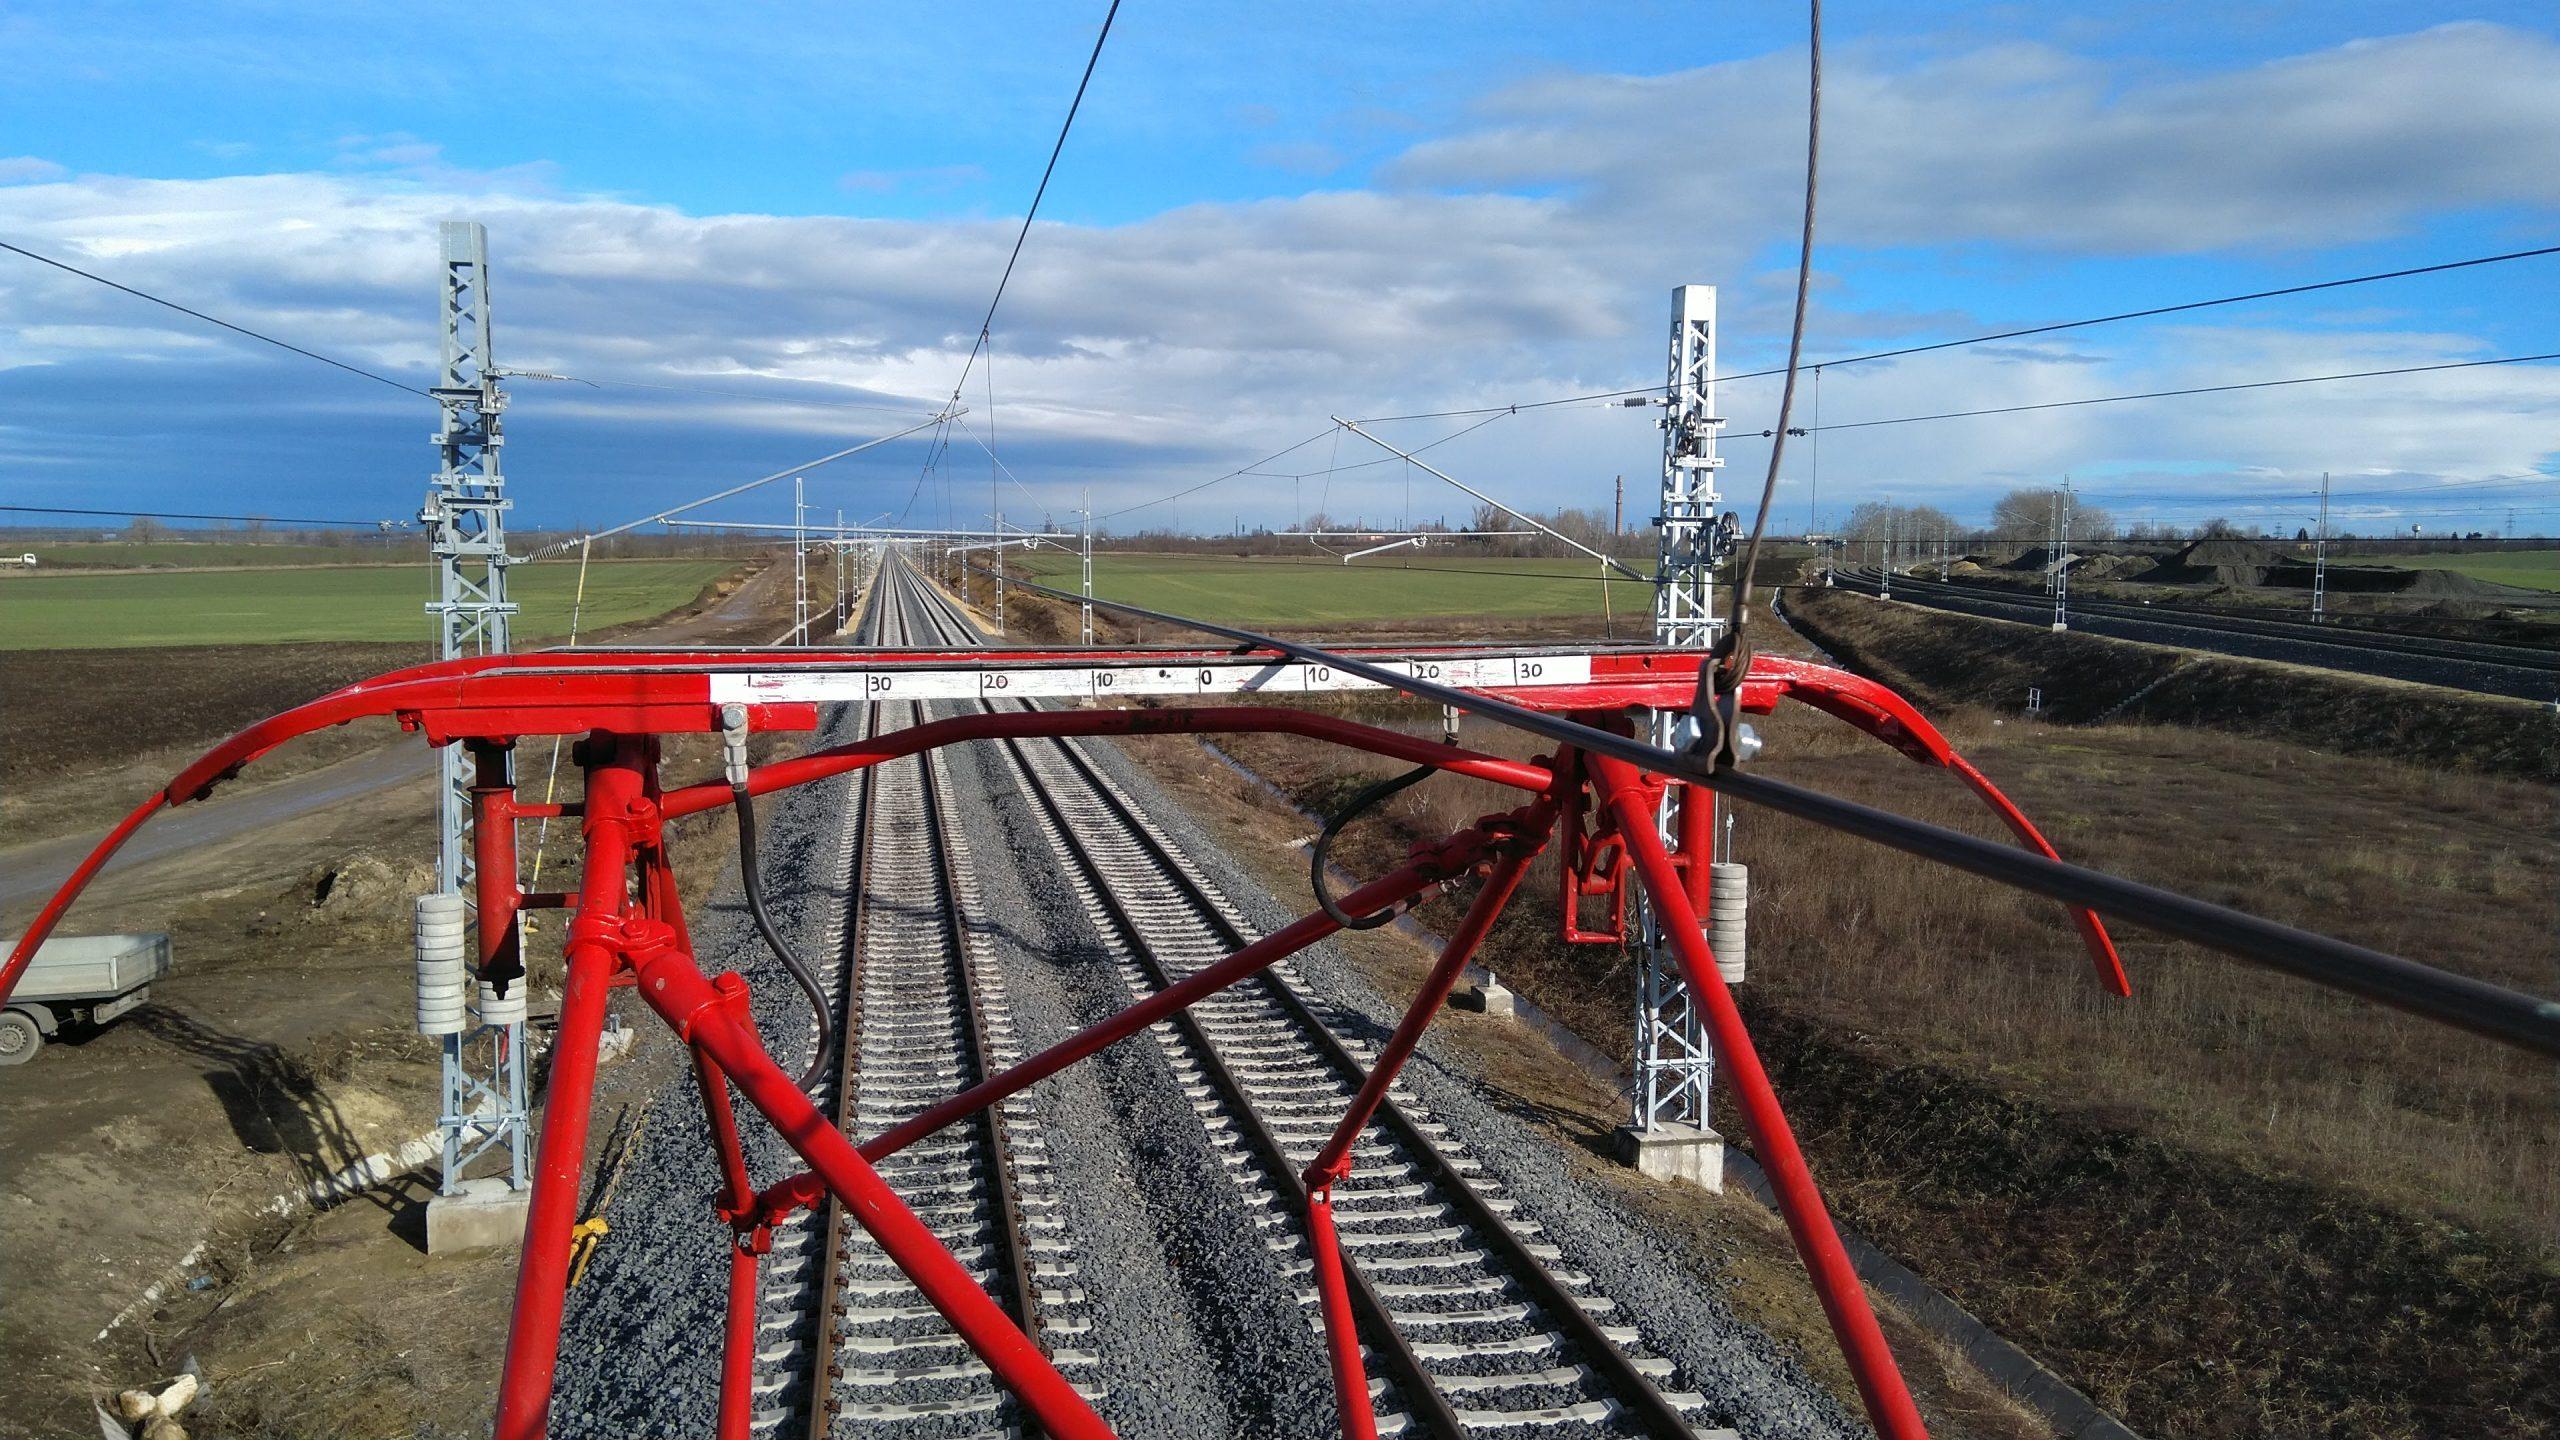 Feszültség alá helyezik a nyáron elkészülő vasúti vonalszakaszt